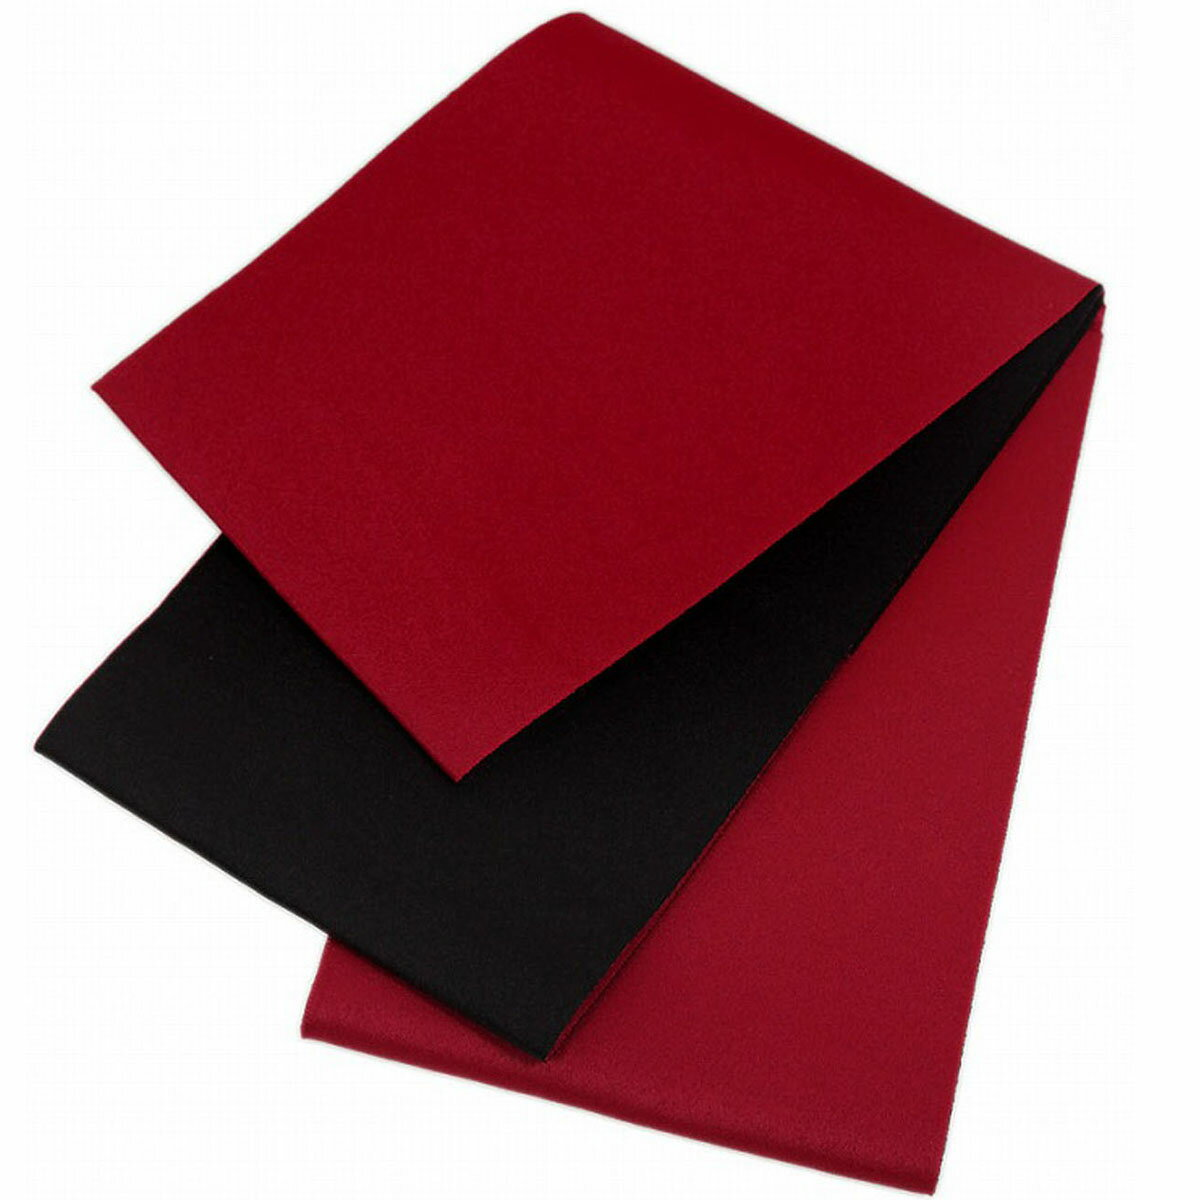 日本製 シンプル リバーシブル 浴衣帯 無地 赤×黒 長尺 超長尺